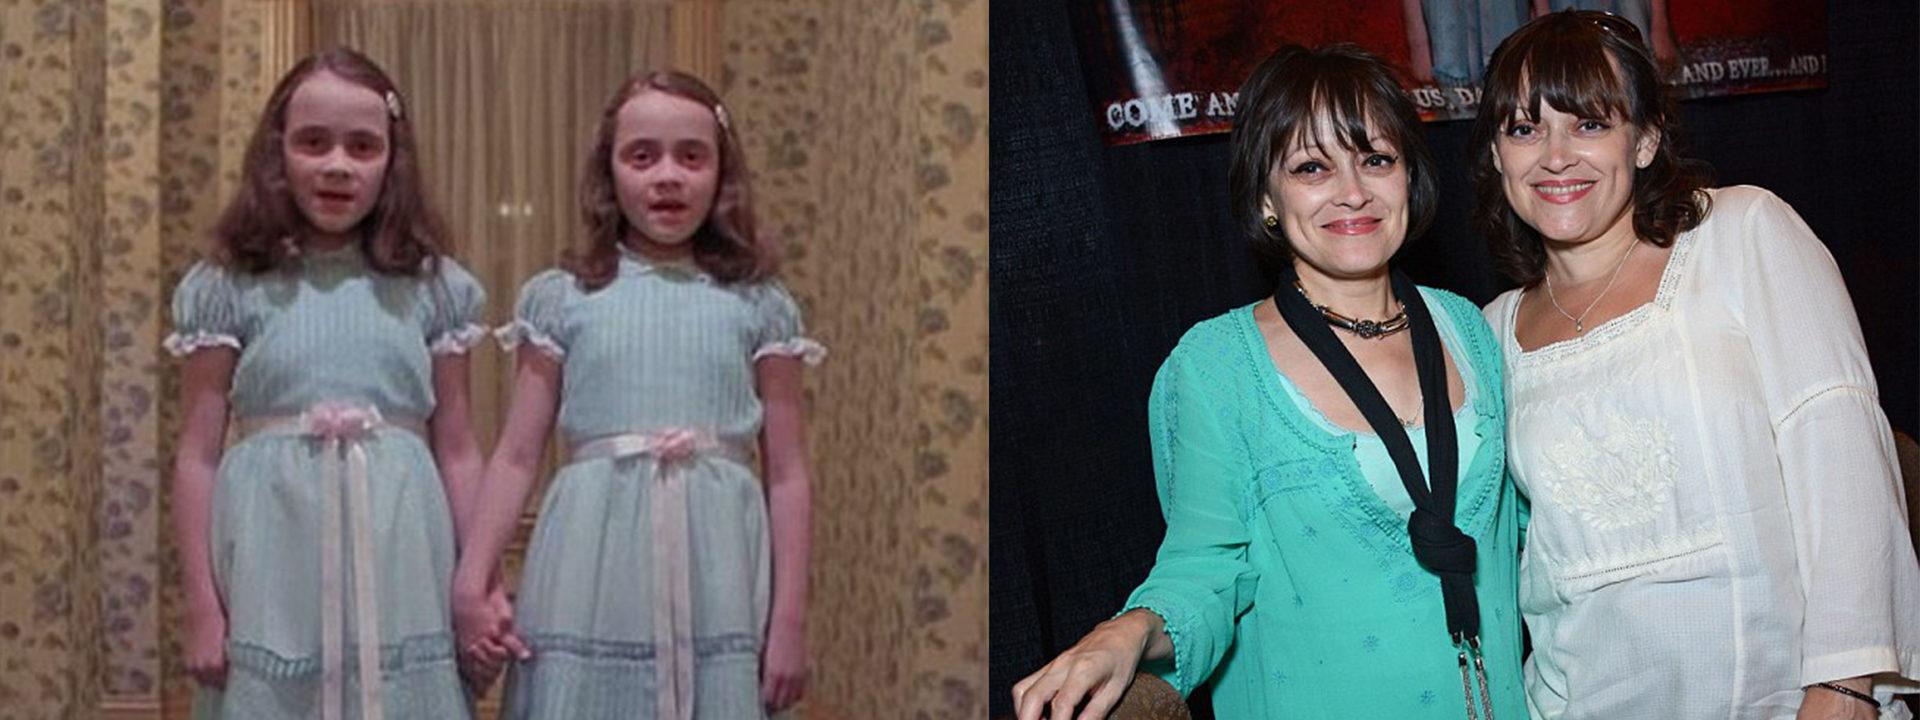 Las gemelas de 'El resplandor', antes y ahora